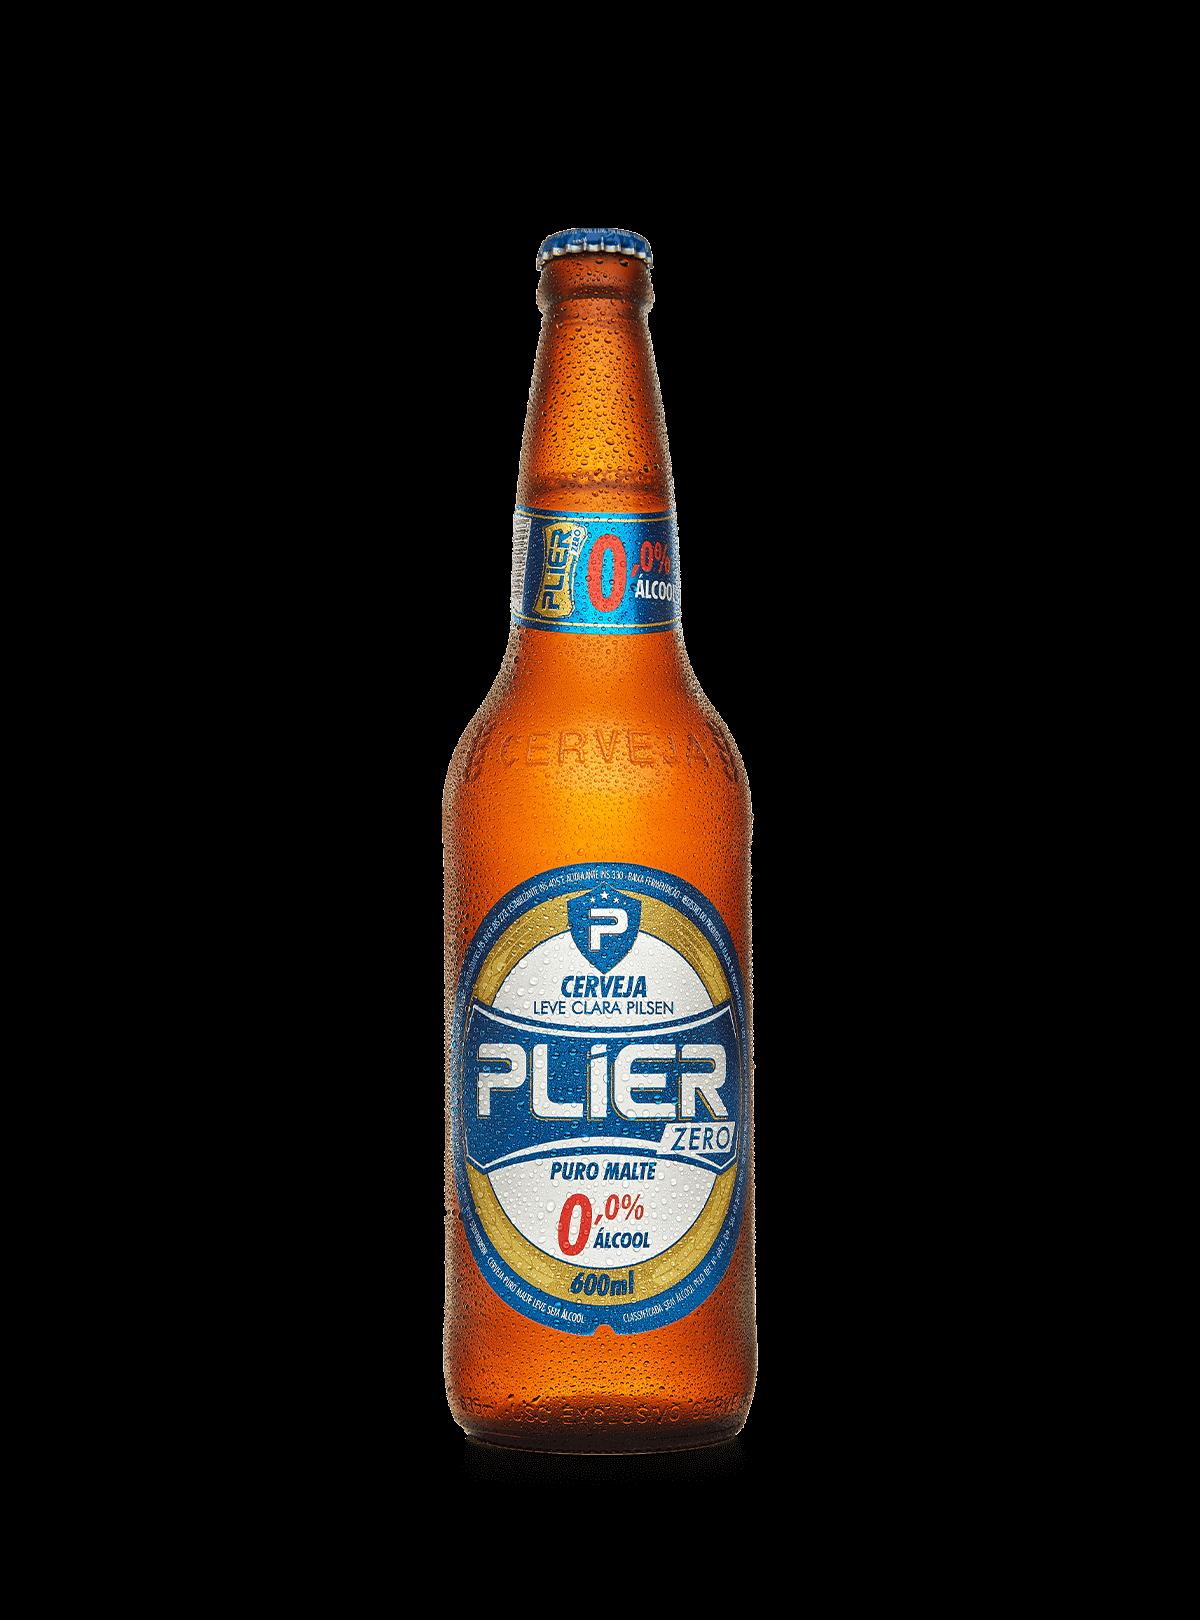 plier_kilsen_600_alibras